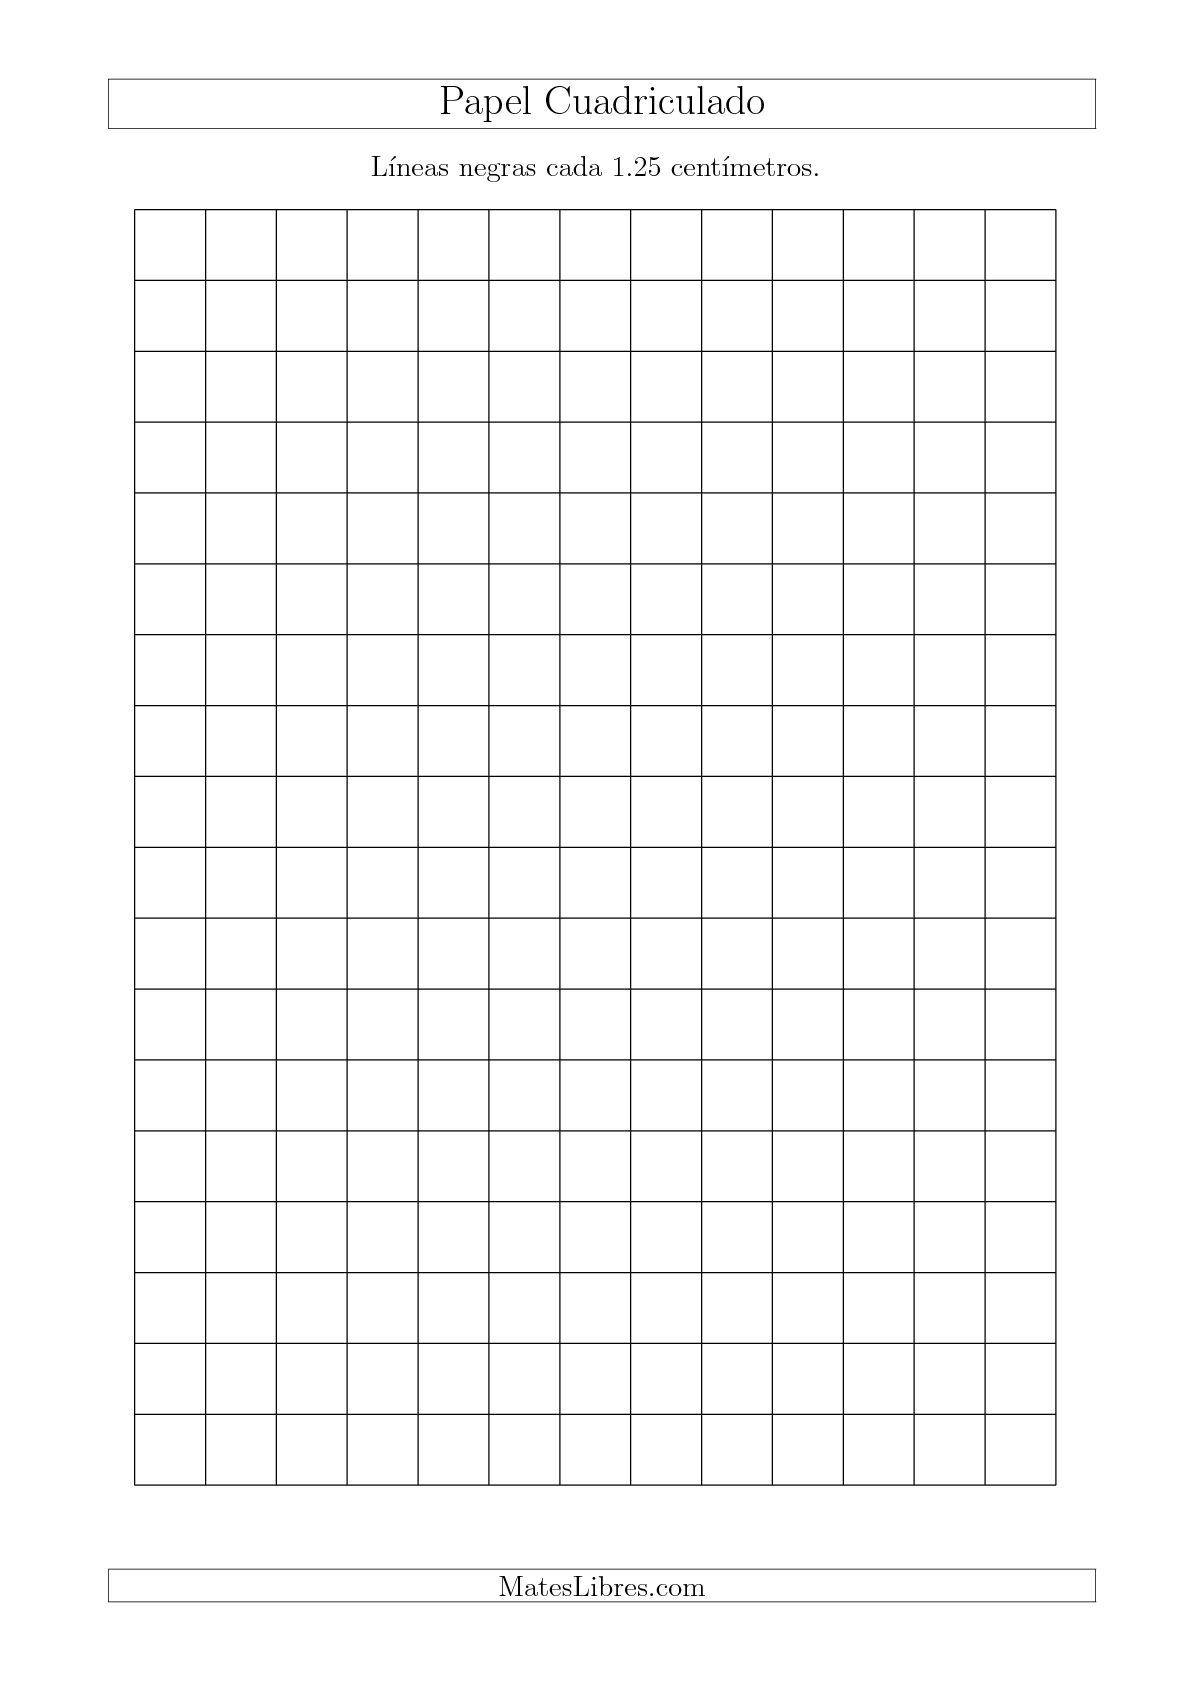 La Papel Cuadriculado con Líneas Negras cada 1.25cm, Tamaño de Papel A4 Hojas de Papel Cuadriculado